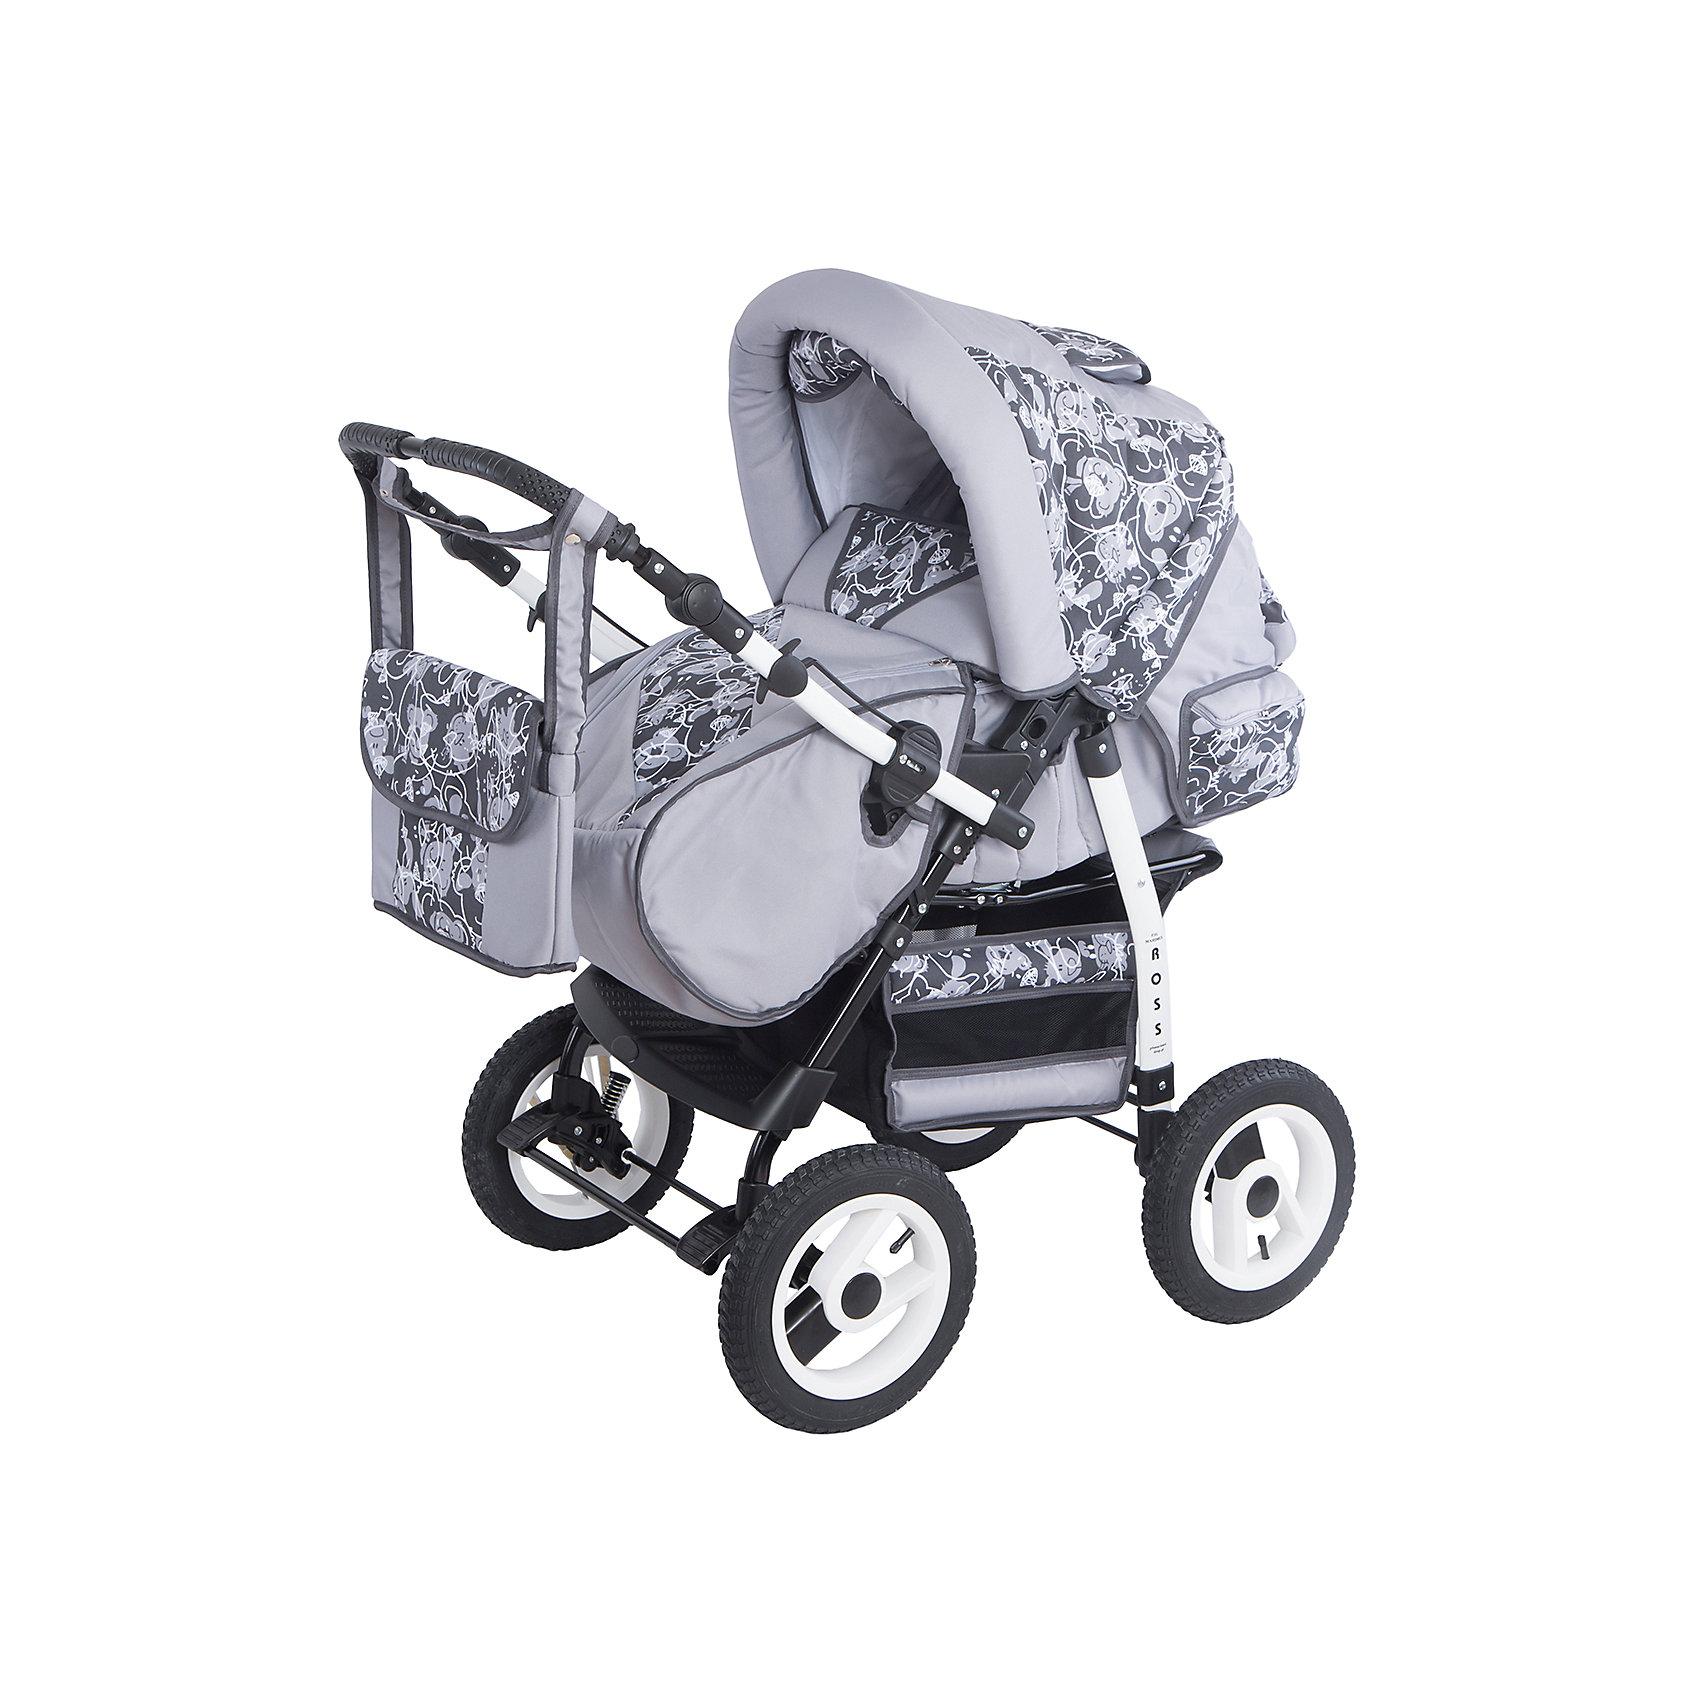 Коляска-трансформер Ross, Marimex, серый/графит с принтомХарактеристики товара:<br><br>• цвет: серый<br>• материал: металл, текстиль, пластик<br>• размер в разложенном виде: 110х60х119 см<br>• комплектация: люлька-переноска, накидка на ножки, сумка для мамы <br>• вес: 16 кг<br>• тип складывания: книжка <br>• колеса: 4 шт<br>• пятиточечные ремни безопасности<br>• солнцезащитный козырек<br>• четыре положения спинки<br>• возможность перекидывать ручку <br>• регулируемая подножка<br>• большая корзина для покупок<br>• система амортизации: пружины <br>• страна бренда: Польша<br>• страна производства: Польша<br><br>ВНИМАНИЕ!!! Вставки с рисунком на коляске могут отличаться от представленных на фото!<br><br>Качественная коляска обеспечит родителям и ребенку удобство при прогулках и перемещениях малыша. Эта модель от польского производителя Marimex оборудована всем необходимым для комфорта. Она легко трансформирвуется под различные ситуации, имеет специальную люльку-переноску для самых маленьких.<br>В основе коляски - прочный металлический корпус, материал имеет специальную пропитку, которая защищает про промокания, но при этом оставляет ткань дышащей. Очень стильная и удобная модель! Изделие качественно выполнено, сделано из безопасных для детей материалов. <br><br>Коляску-трансформер Ross от бренда Marimex можно купить в нашем интернет-магазине.<br><br>Ширина мм: 900<br>Глубина мм: 450<br>Высота мм: 380<br>Вес г: 15700<br>Возраст от месяцев: 0<br>Возраст до месяцев: 36<br>Пол: Унисекс<br>Возраст: Детский<br>SKU: 5282606